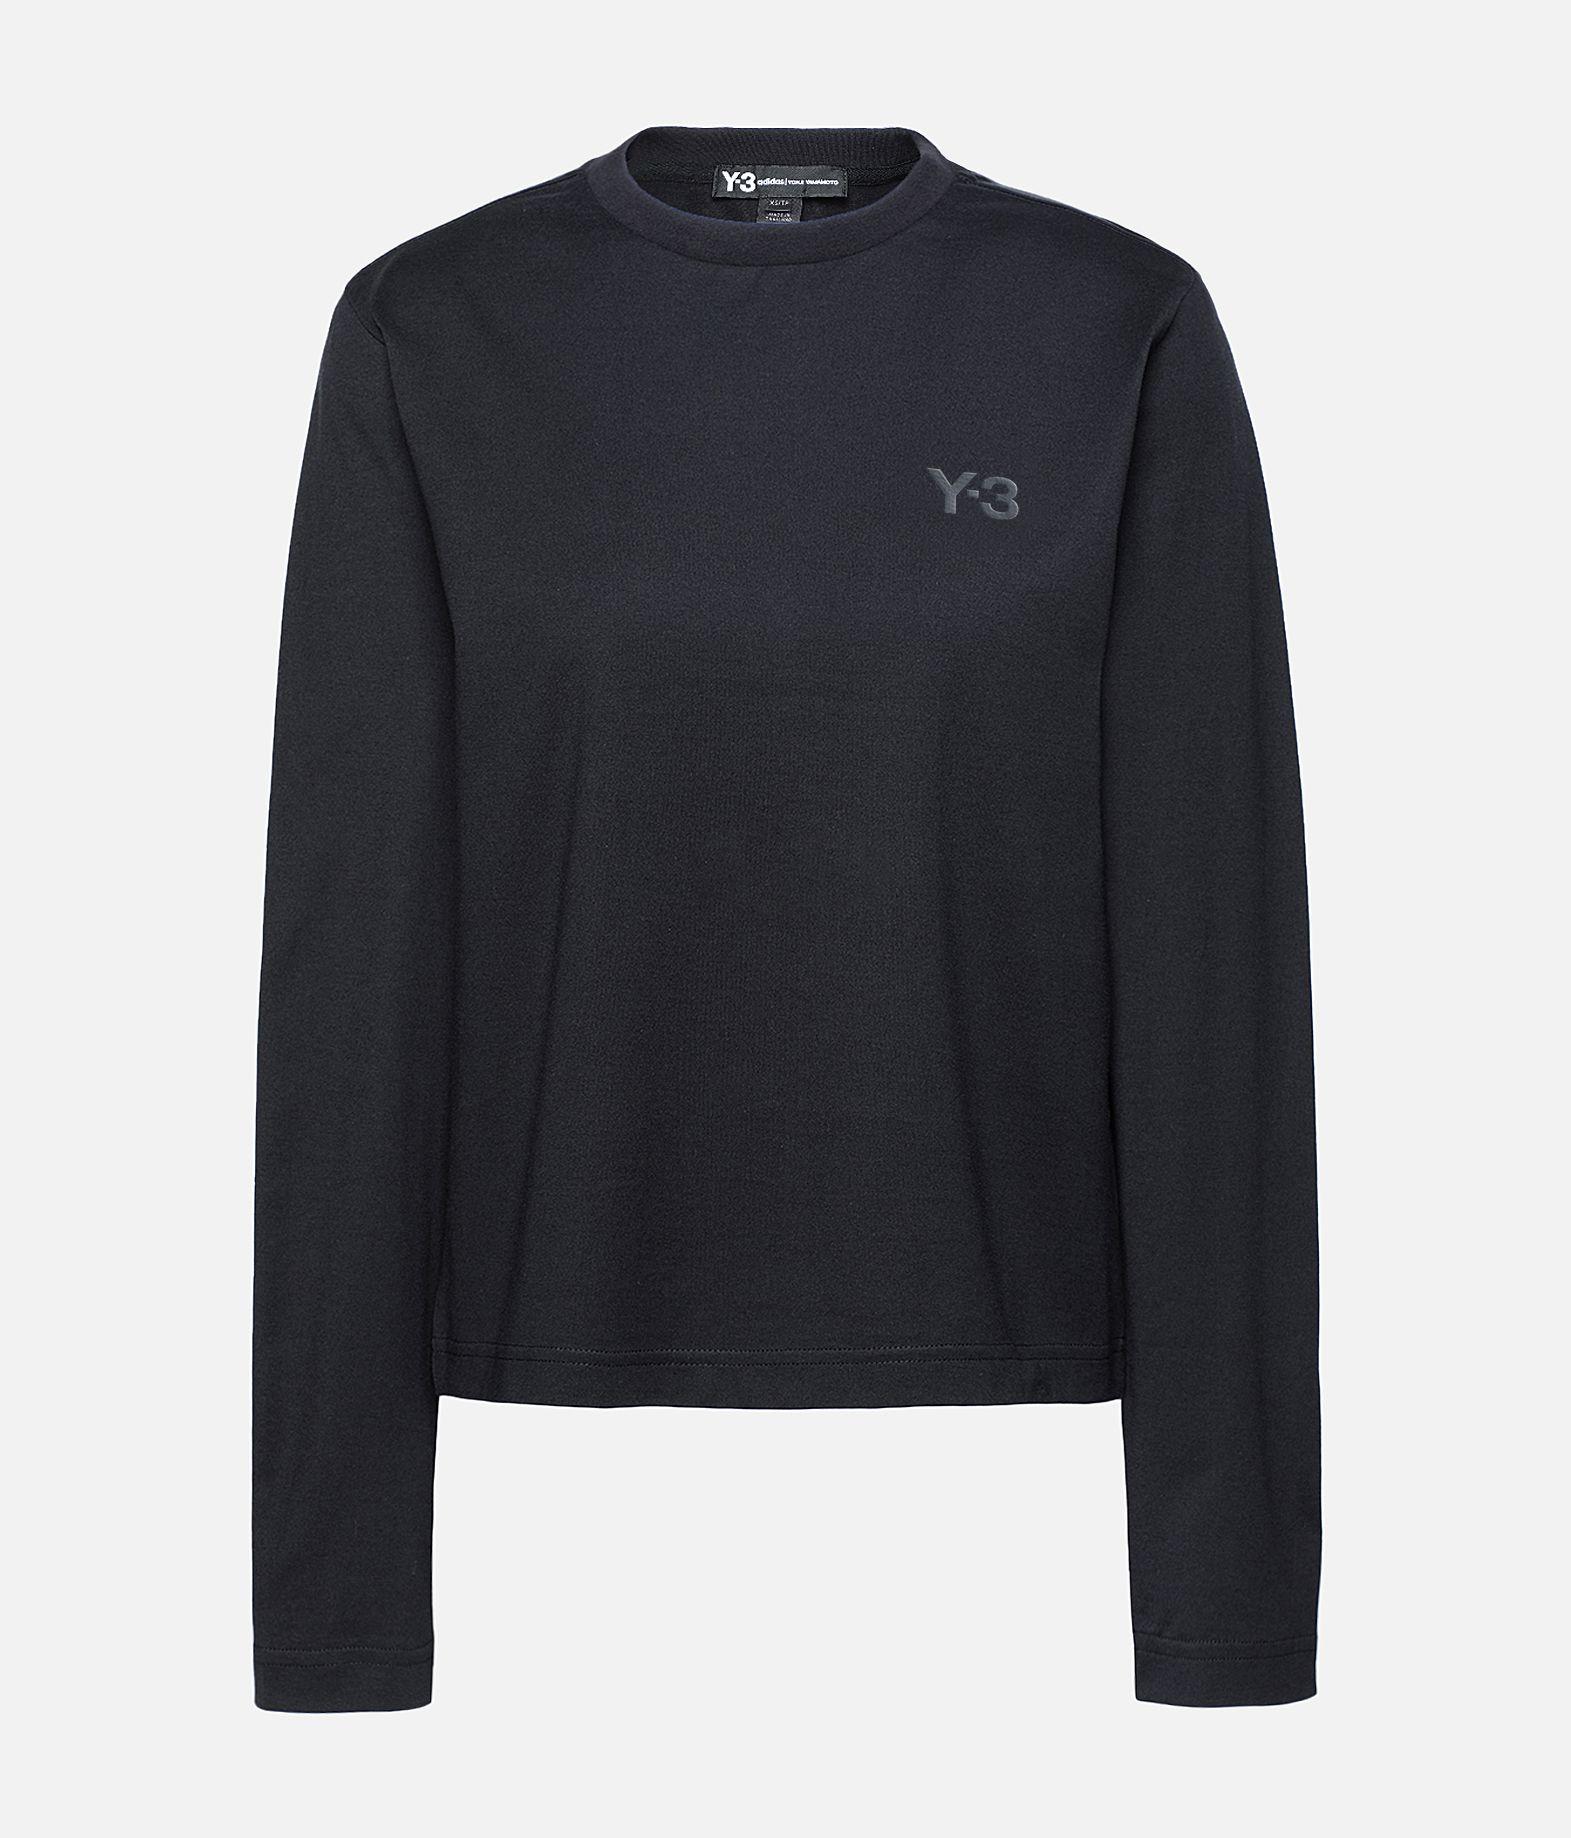 Y-3 Y-3 Long Sleeve Tee  Long sleeve t-shirt Woman f